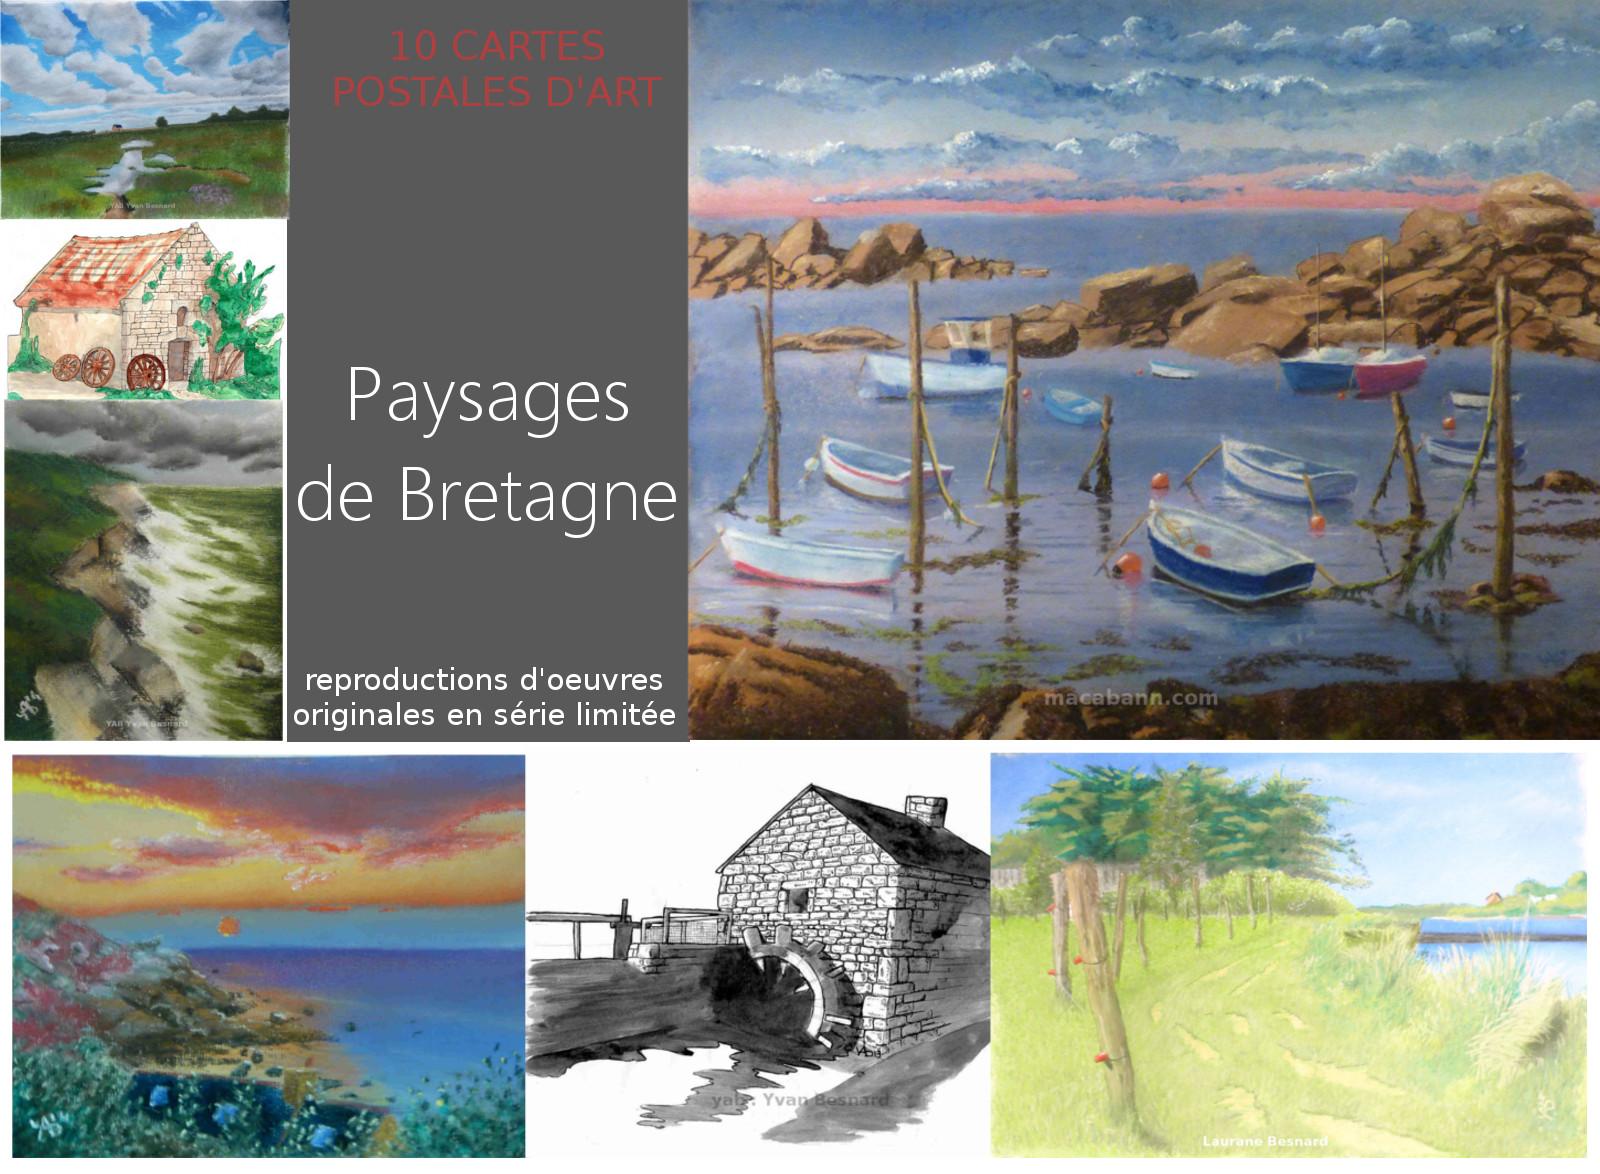 Offrez des cartes postales d'art : la collection Paysages de bretagne